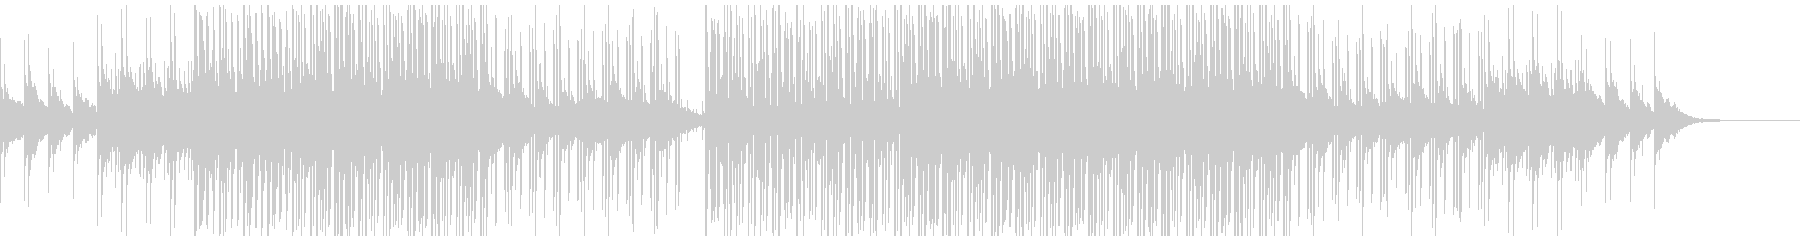 明るくリズミカルノリノリ曲の未再生の波形